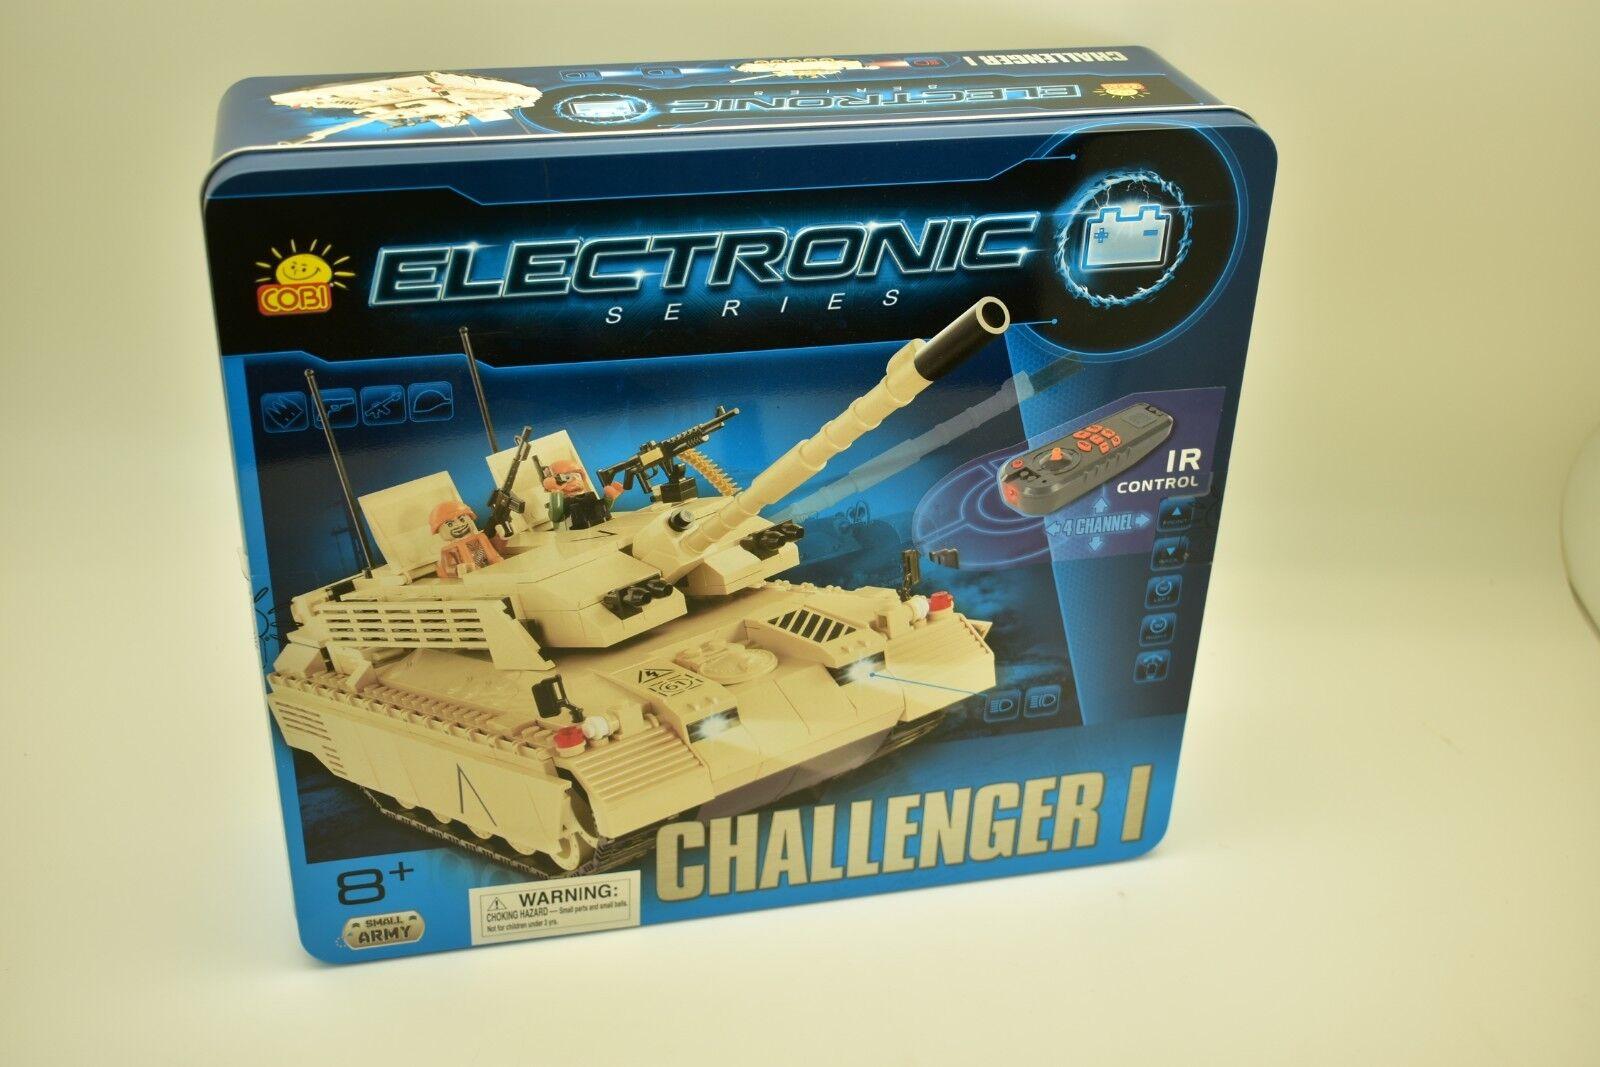 Cobi - Électronique Séries,Challenger I (I R ) 21901 Ir Contrôle,Chars Motorisé